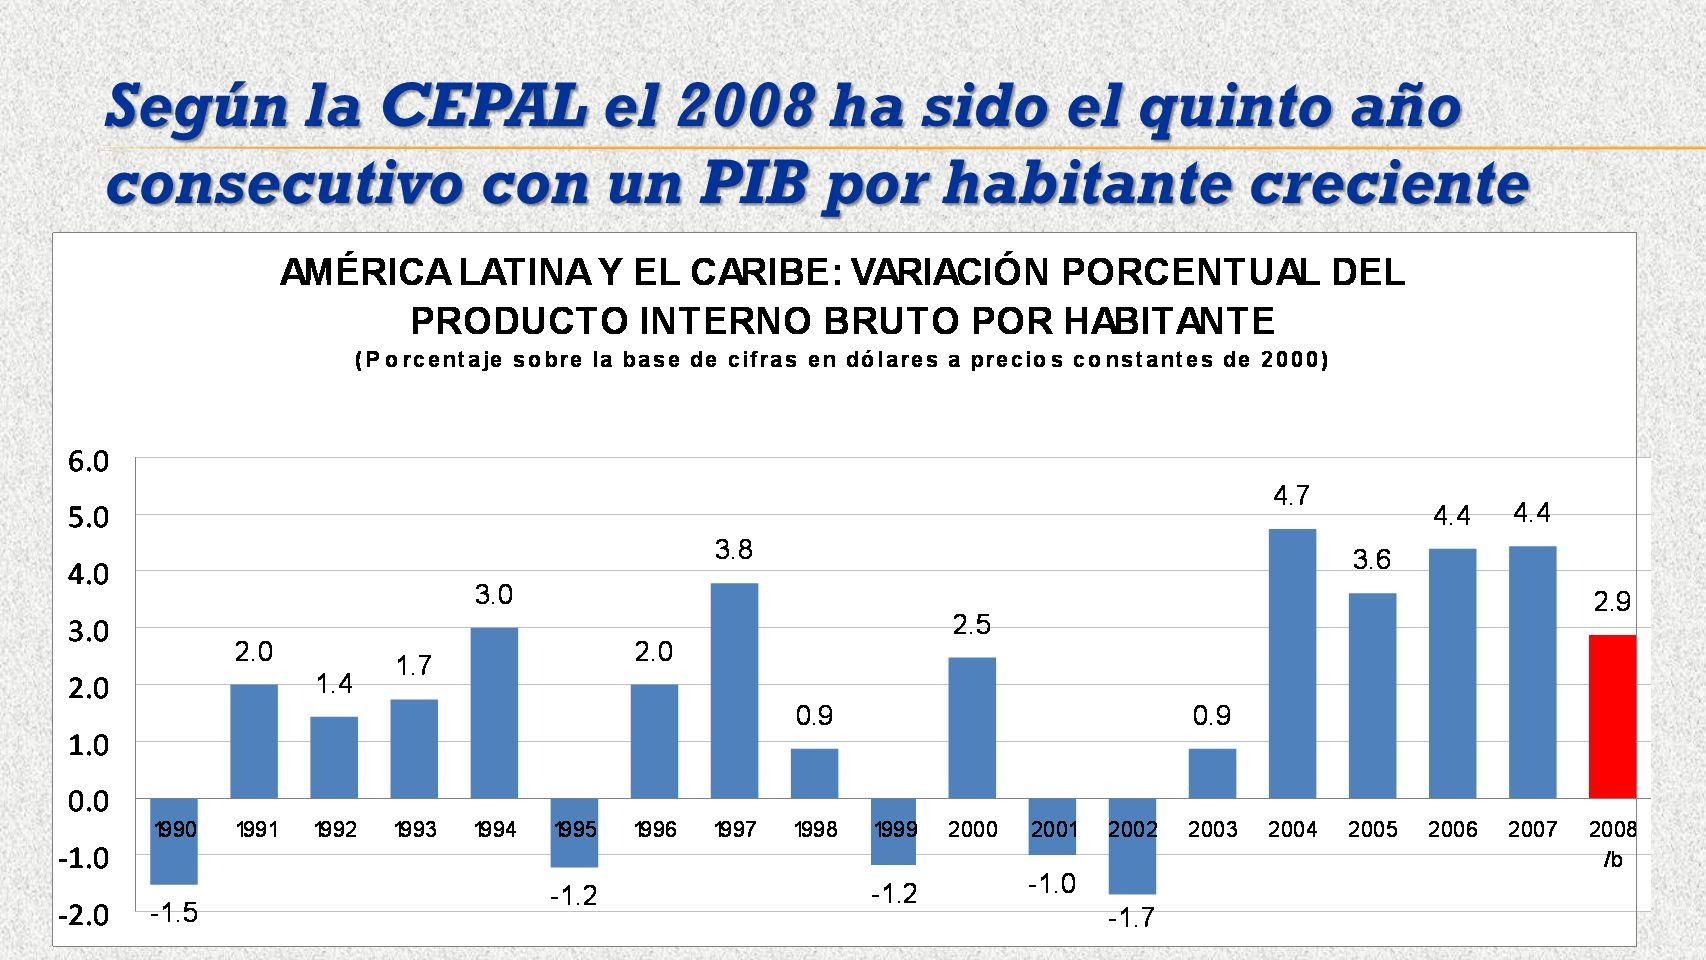 Según la CEPAL el 2008 ha sido el quinto año consecutivo con un PIB por habitante creciente